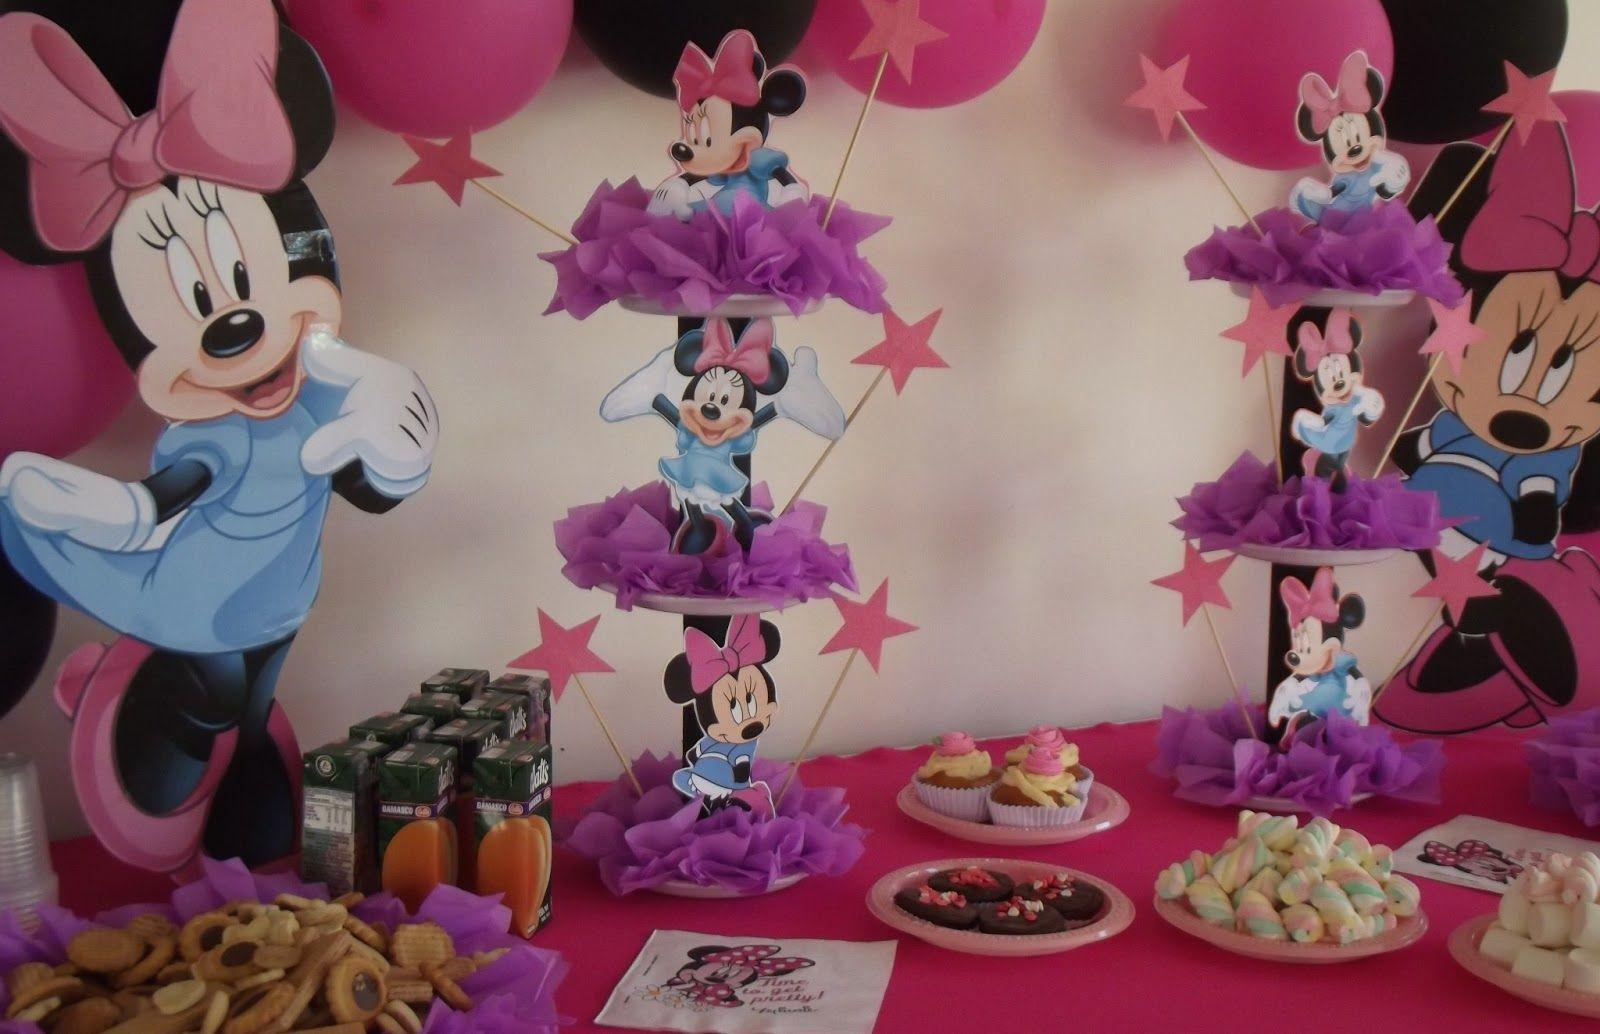 Decoraciones infantiles decoraciones para fiestas infantiles party decor with styrofoam and - Decoracion fiesta navidad ...